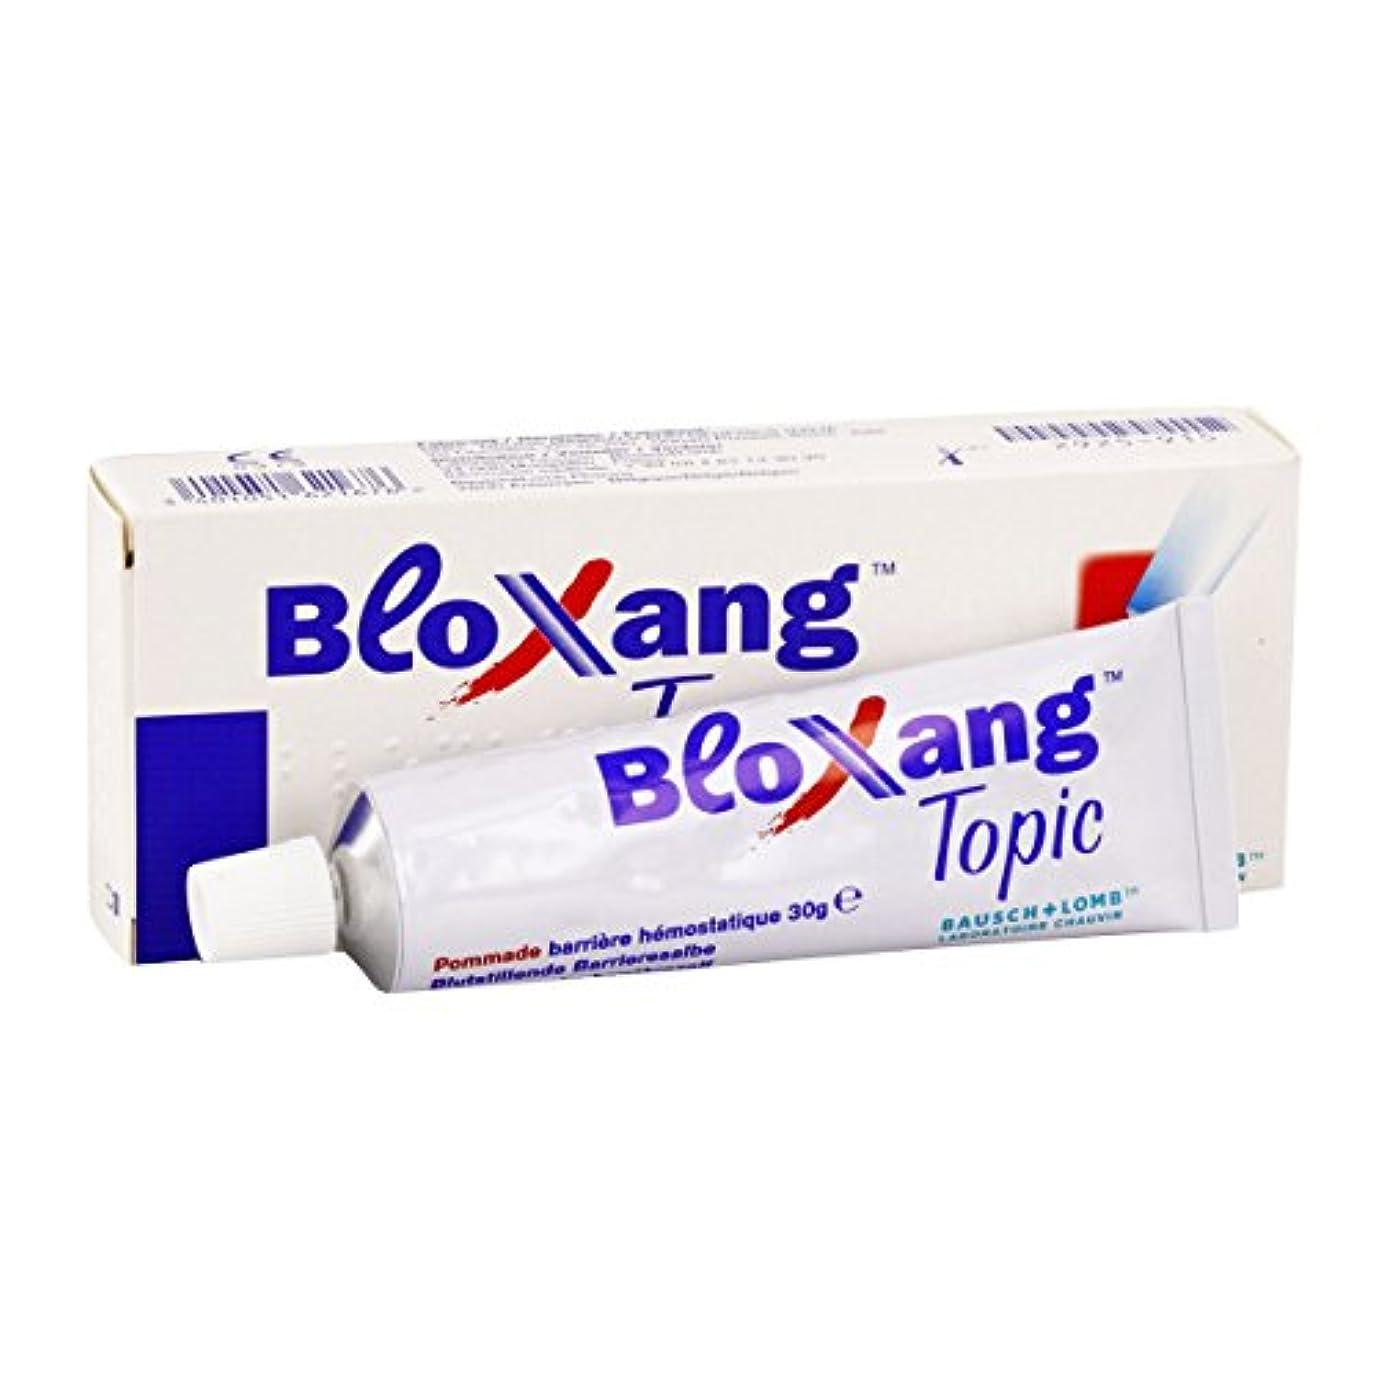 ポーン愛人あいにくBloxang Ointment Hemostatic Barrier 30g [並行輸入品]